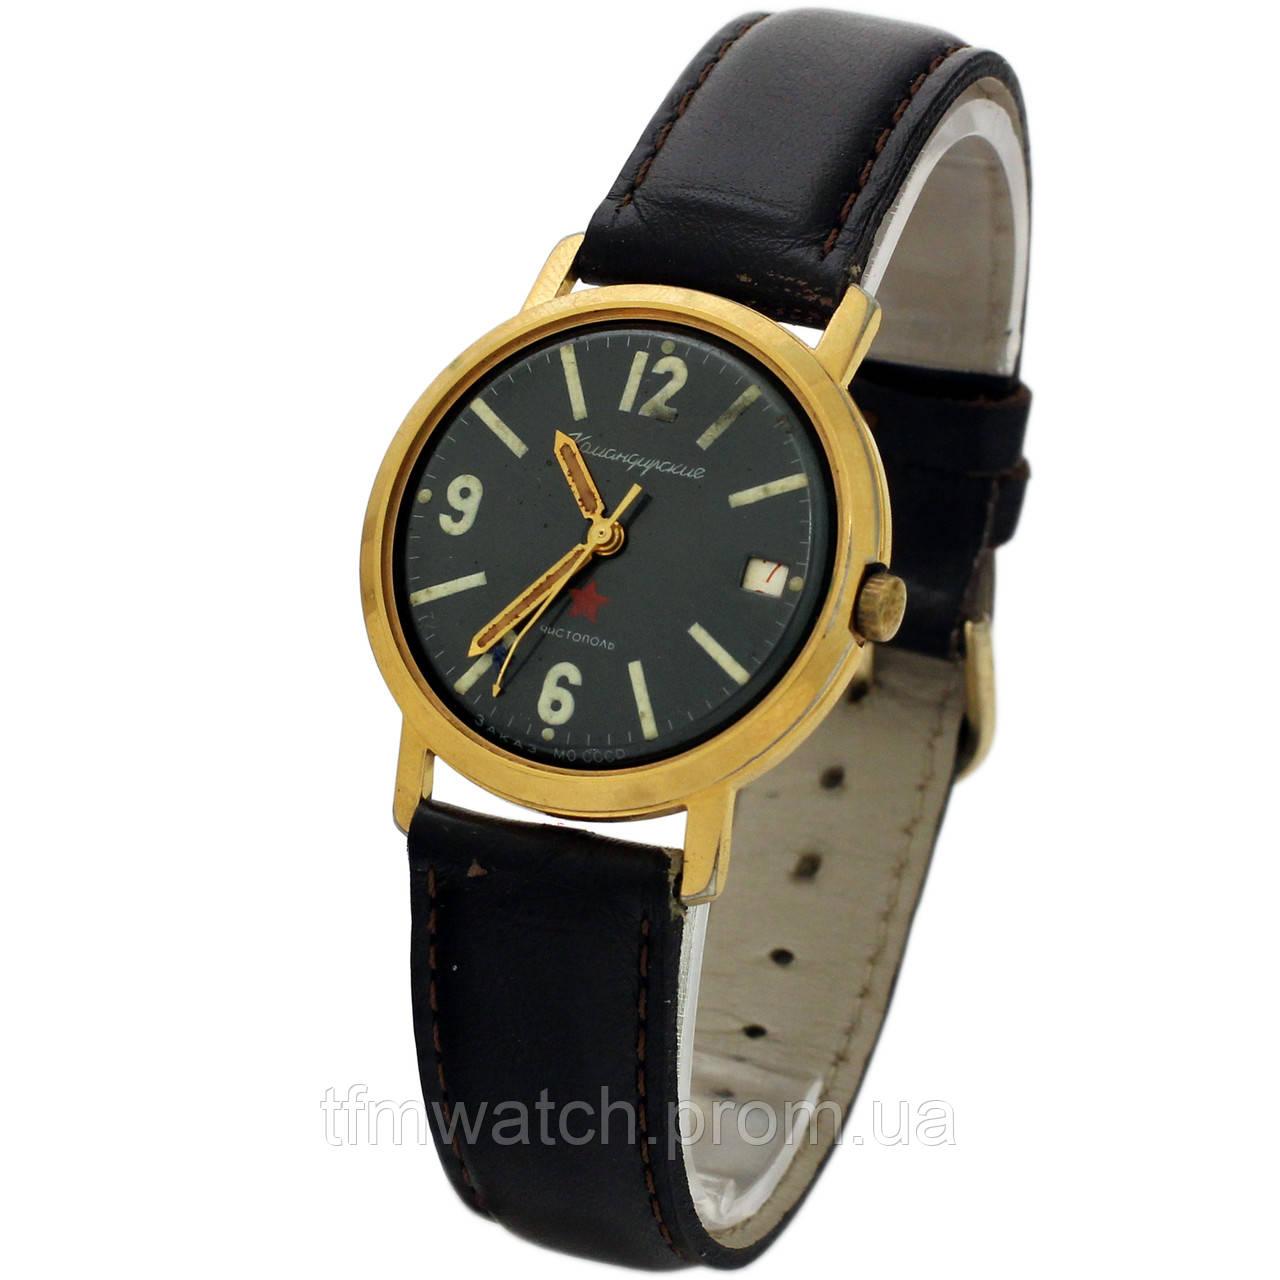 3831a099 Позолоченные Командирские часы Чистополь заказ МО СССР противоударные  пылезащитные